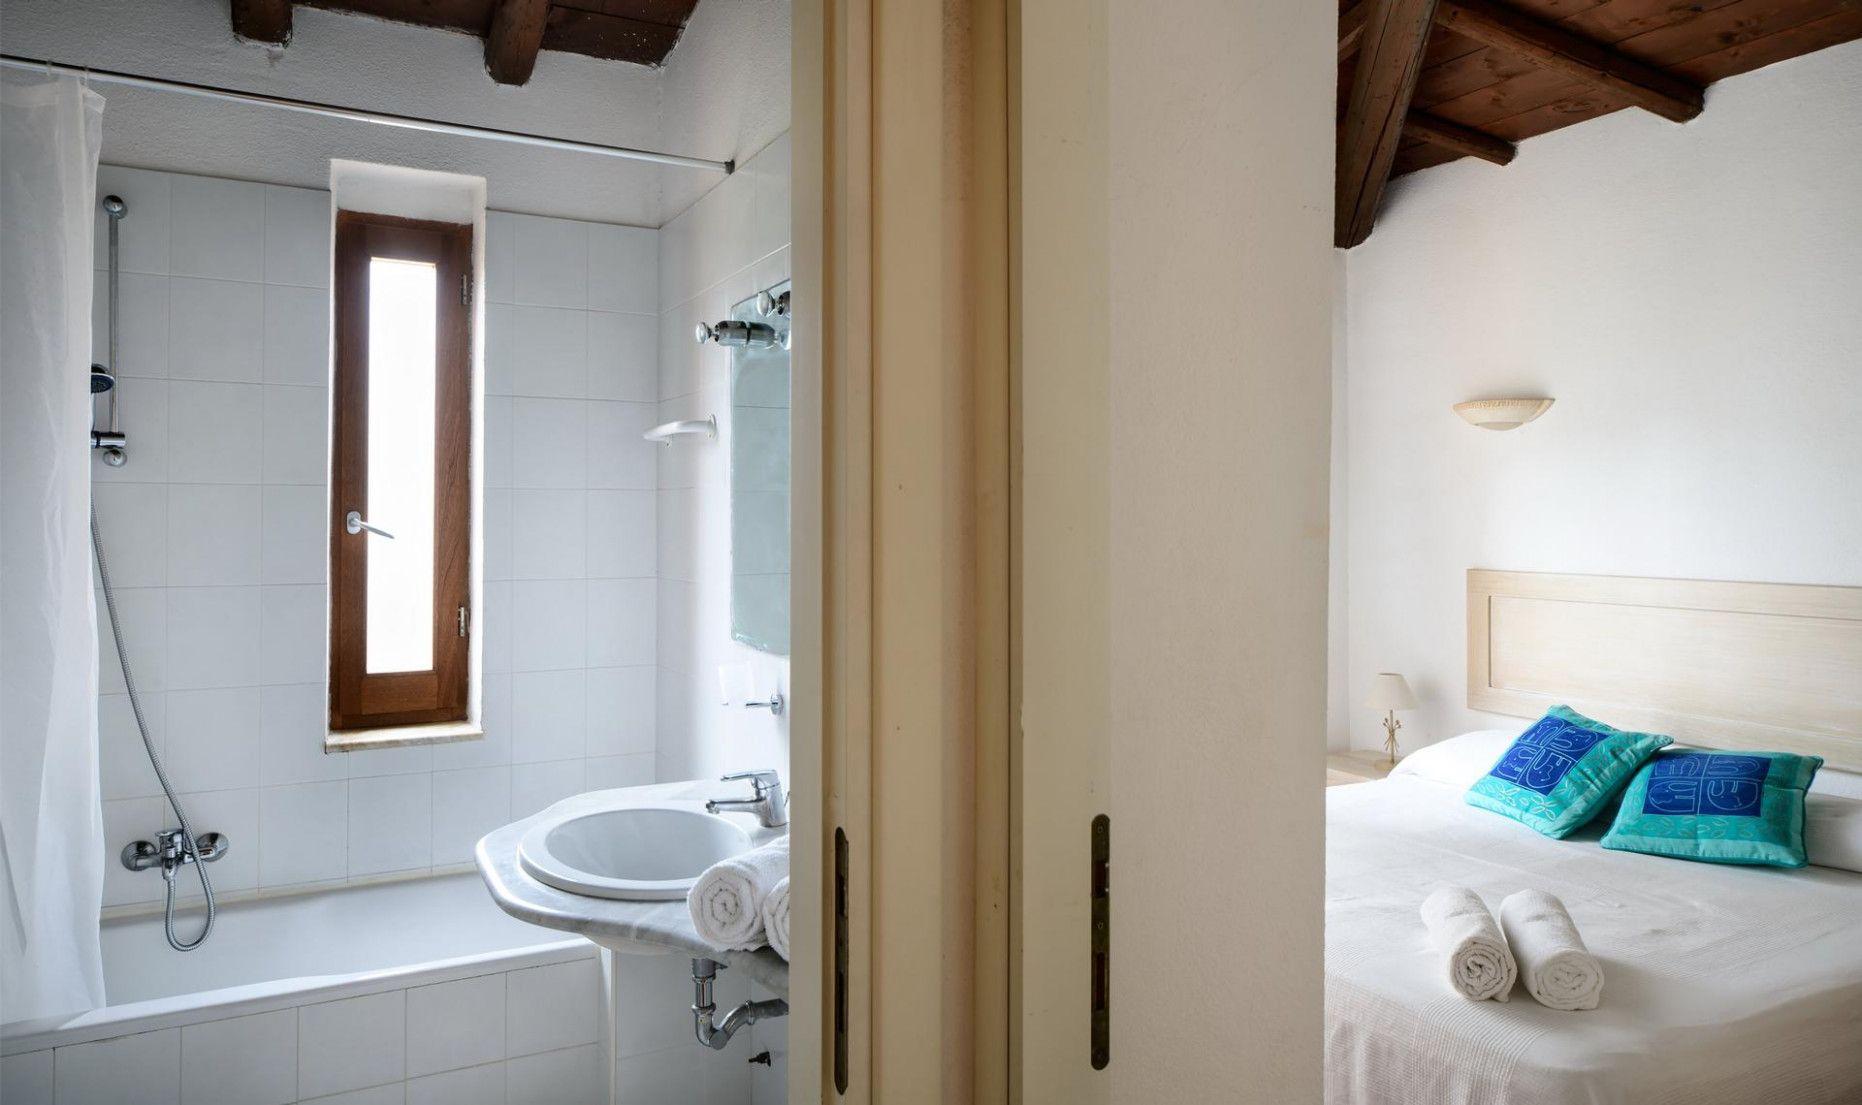 Pin By Bfuns On Wohnzimmer Einrichtung Bathtub Bathroom